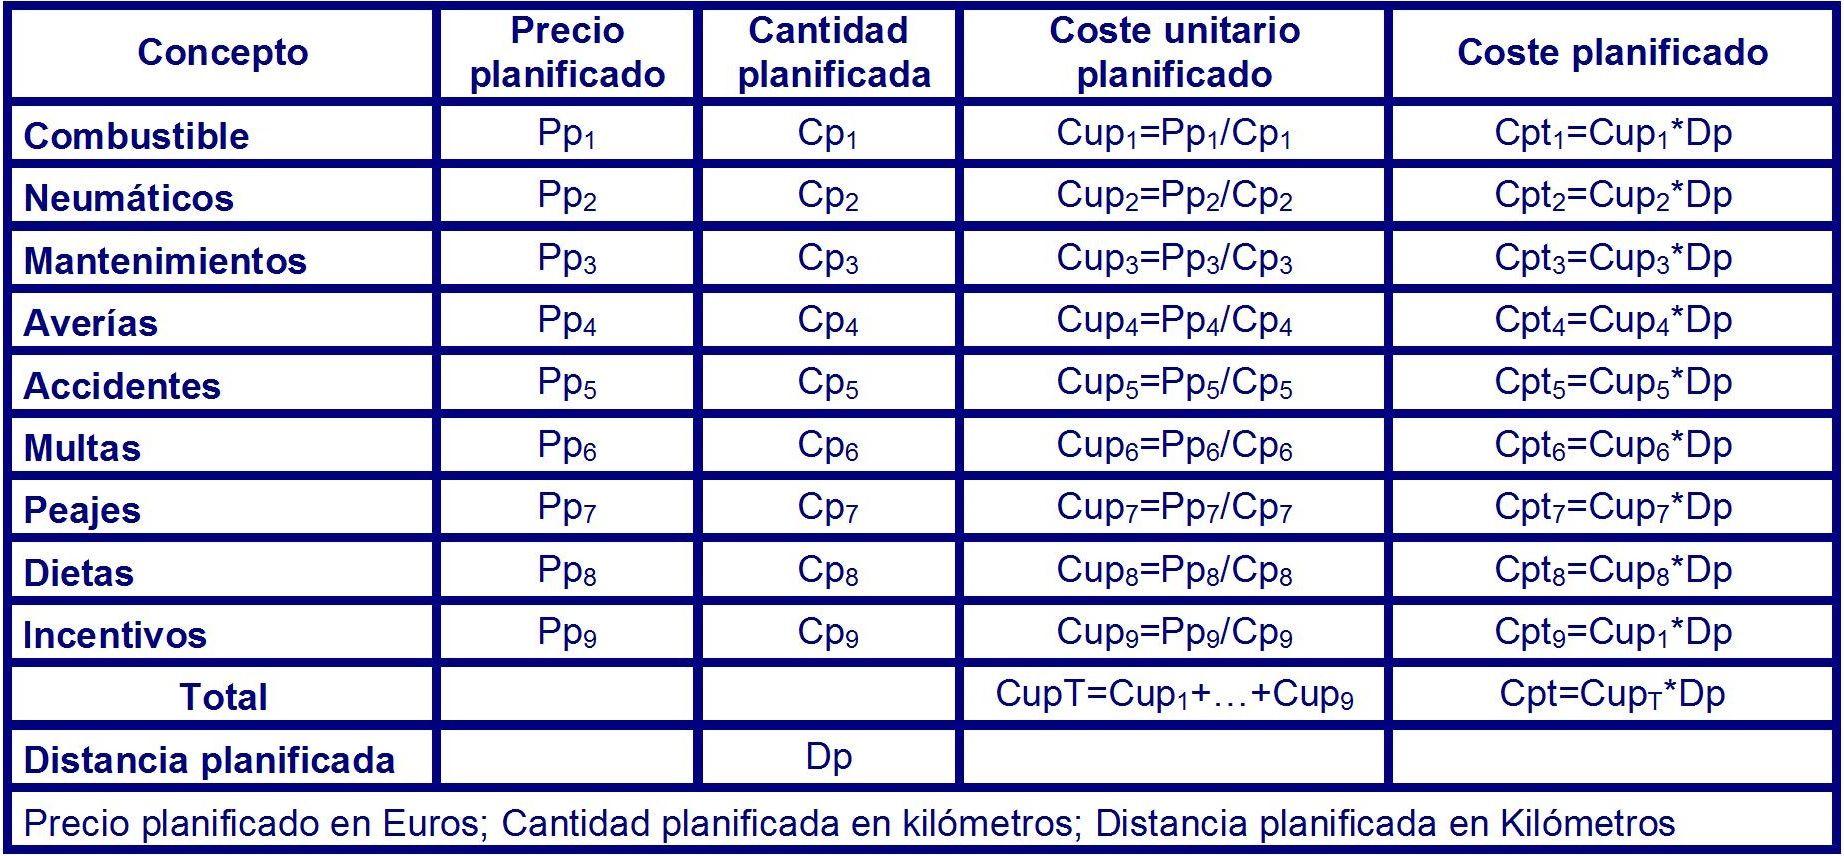 Tabla 19 costes variables de operación planificados para el periodo Tx